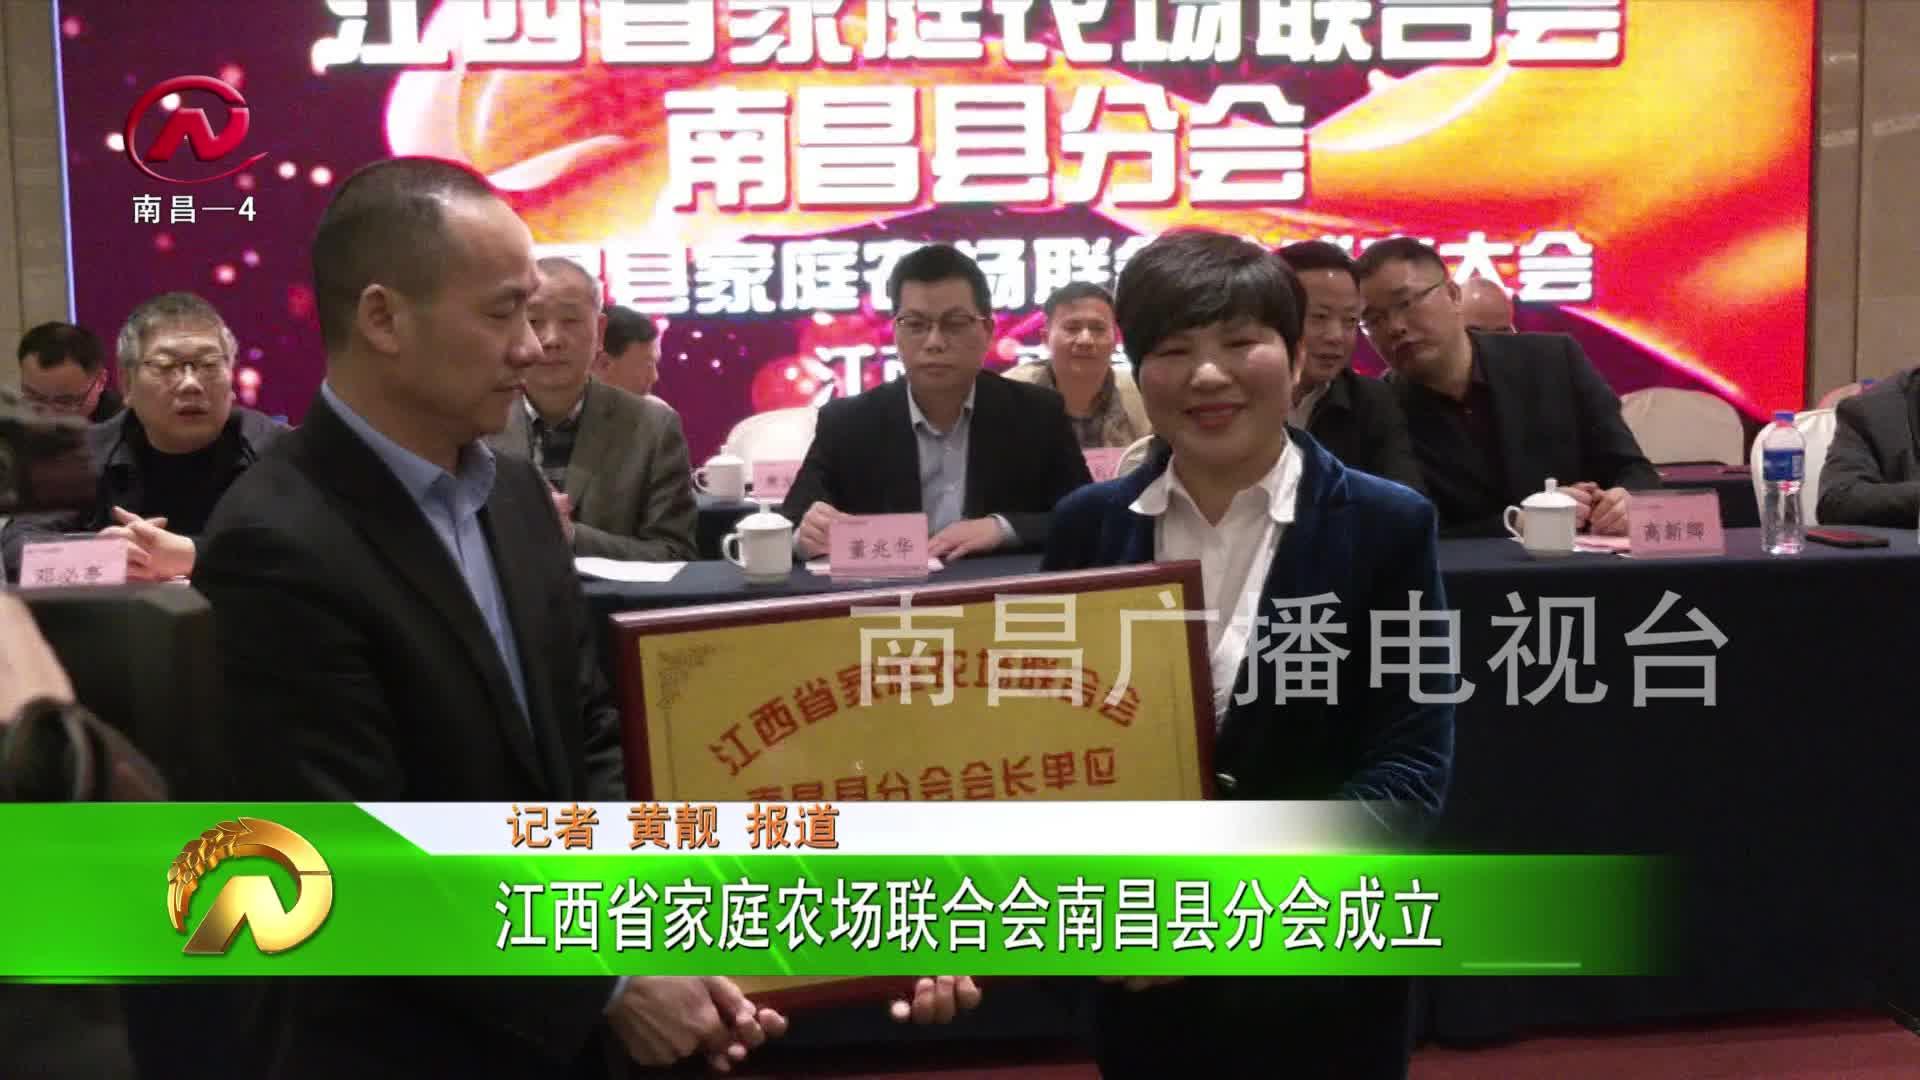 【豫章農視】江西省家庭農場聯合會南昌縣分會成立